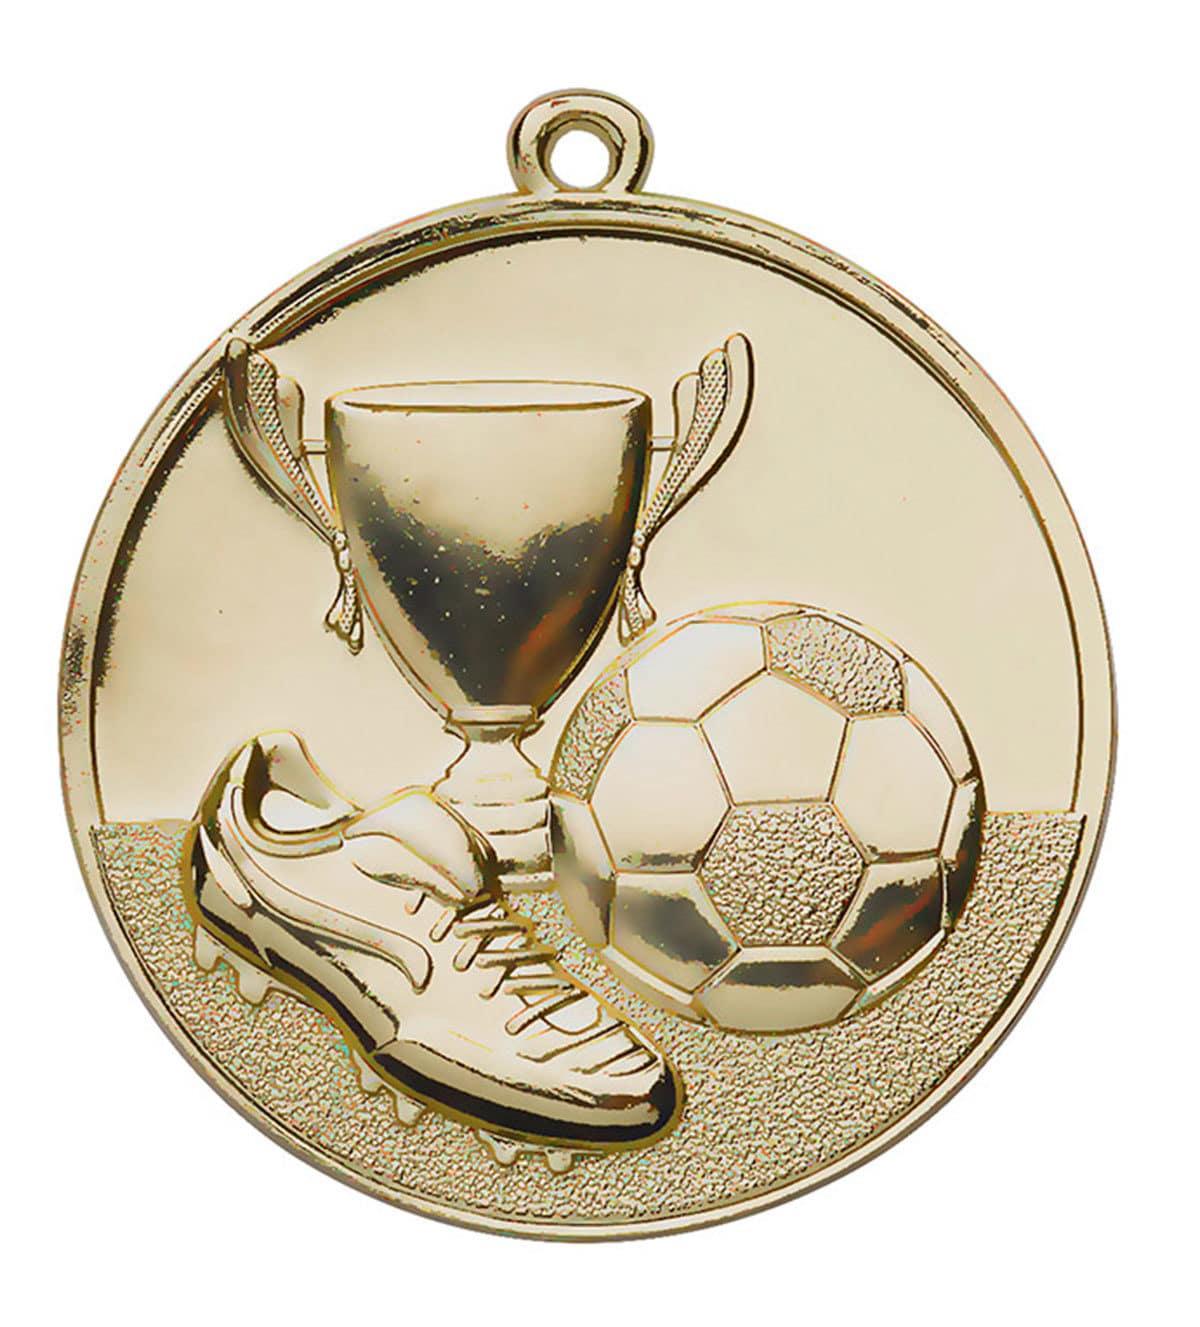 e213-voetbal-medaille